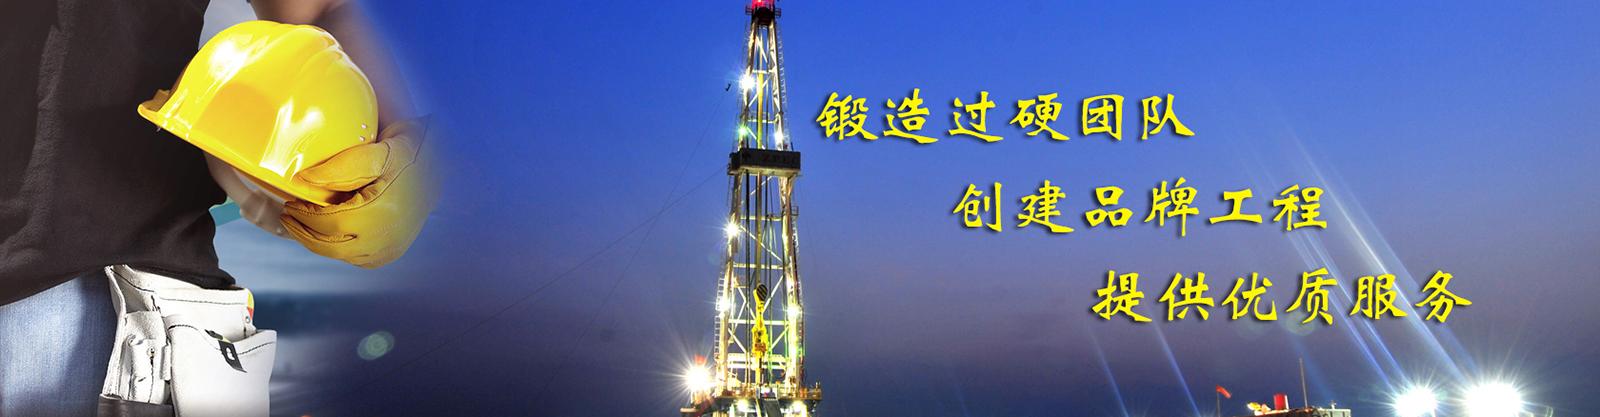 邯郸市宇峰地质勘查有限公司